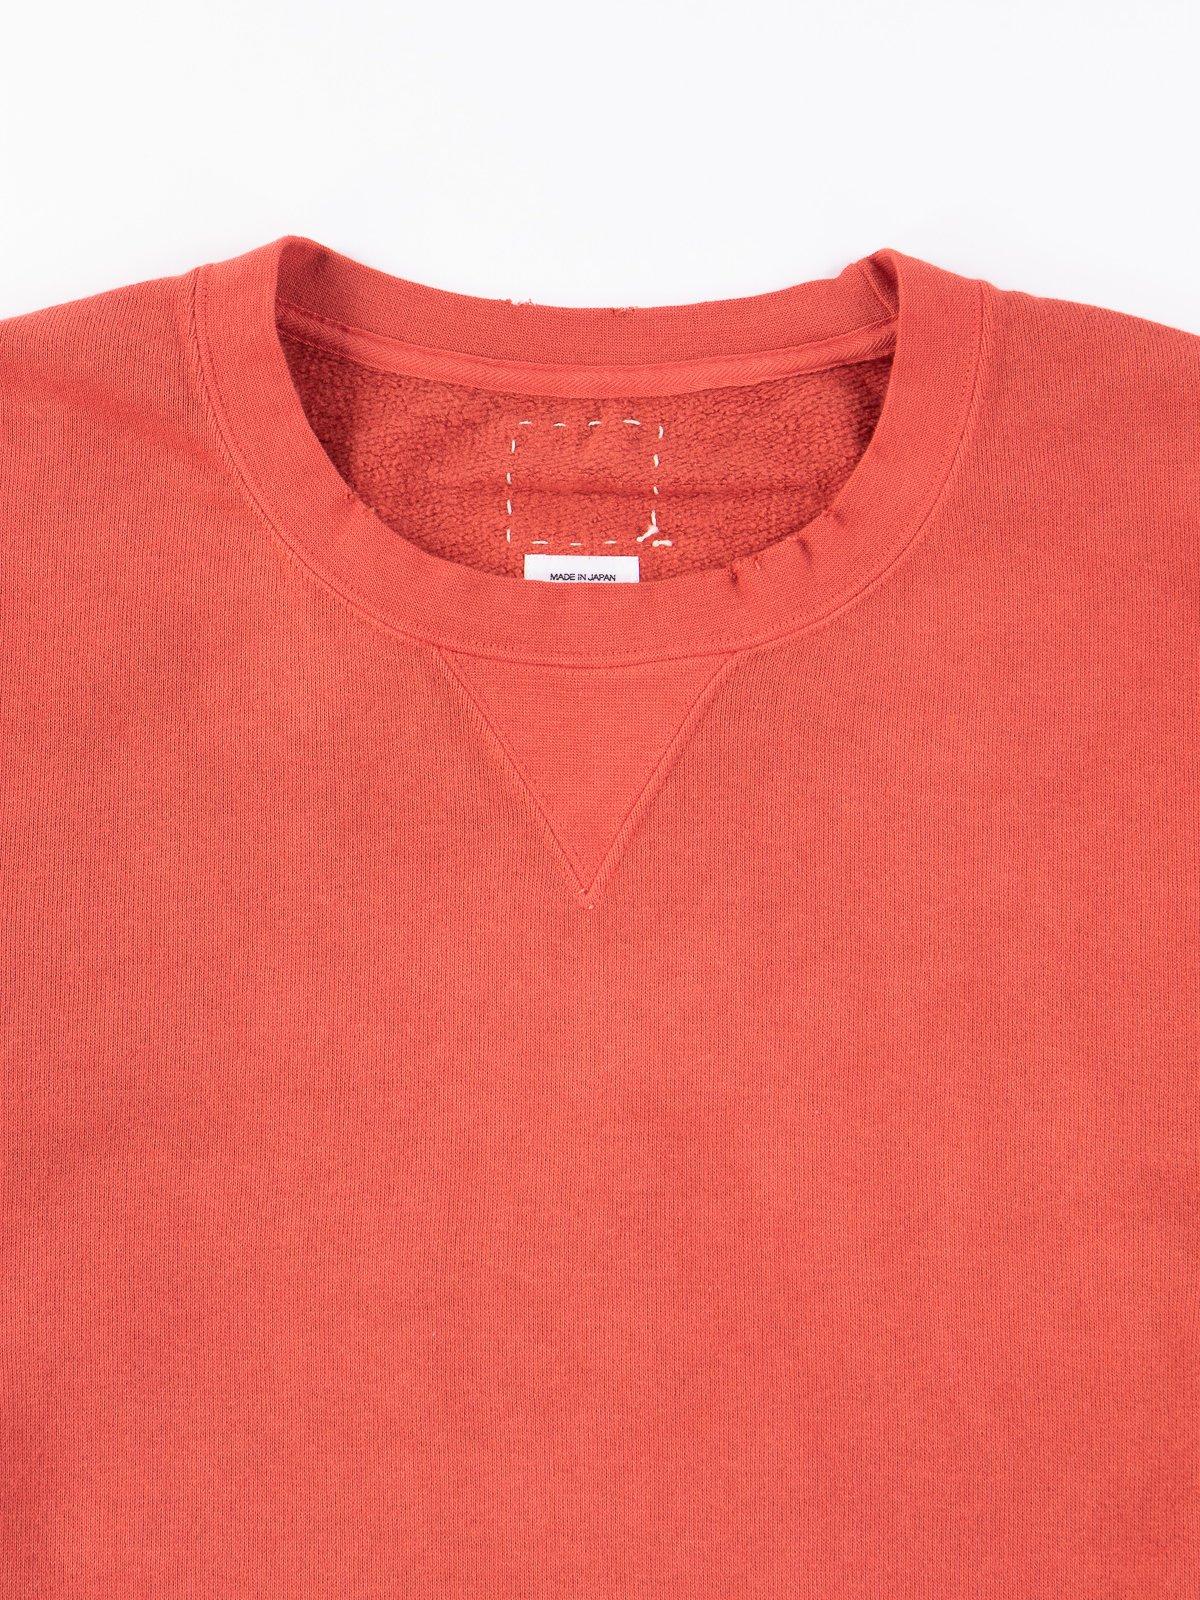 Red Uneven Dye Jumbo Long Sleeve Sweatshirt - Image 1